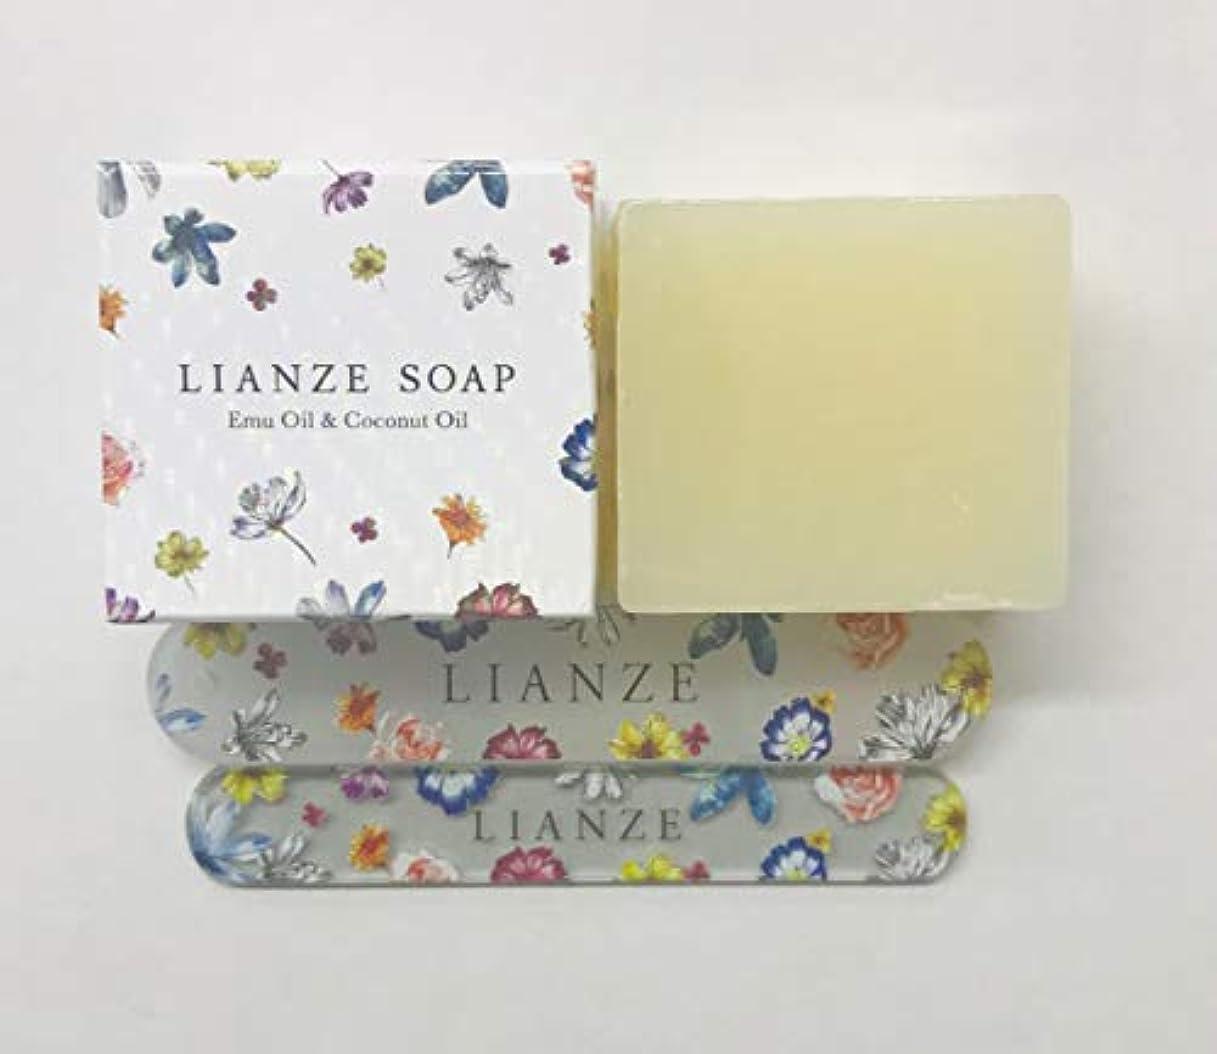 環境債権者変換ギフト プレゼント [ LIANZE ギフトセット ] 洗顔 石鹸 爪磨き